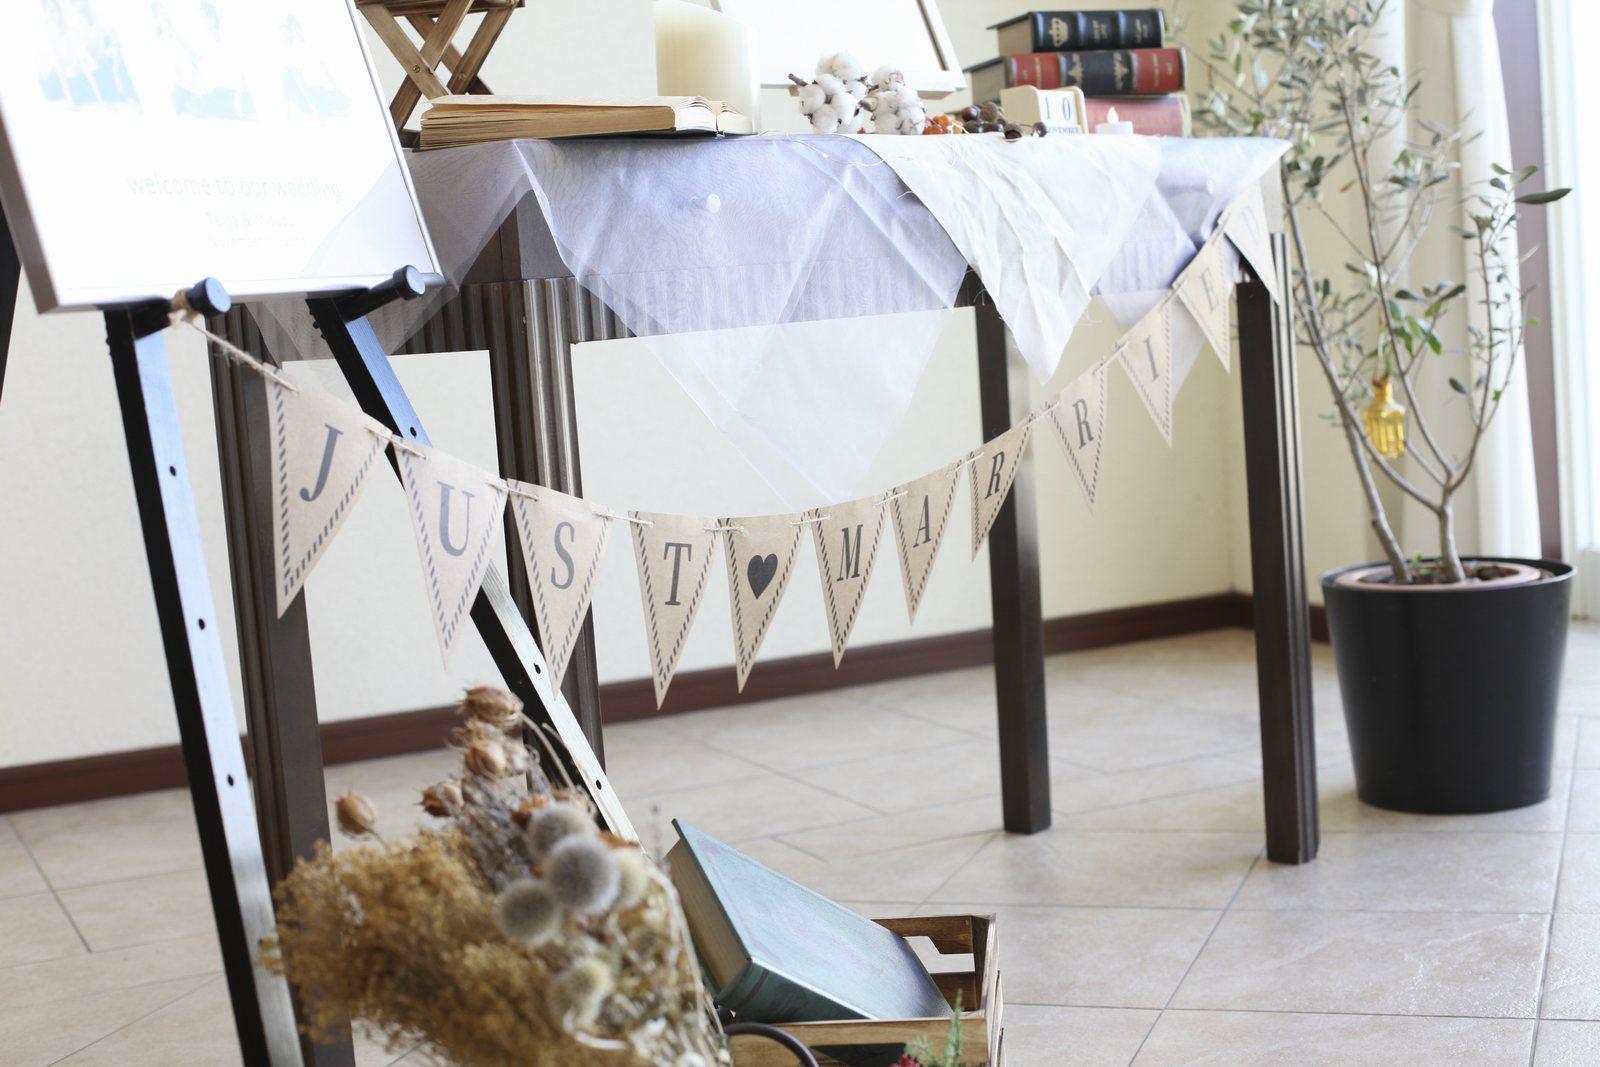 徳島市の結婚式場ブランアンジュで受付周辺に飾ったガーランド